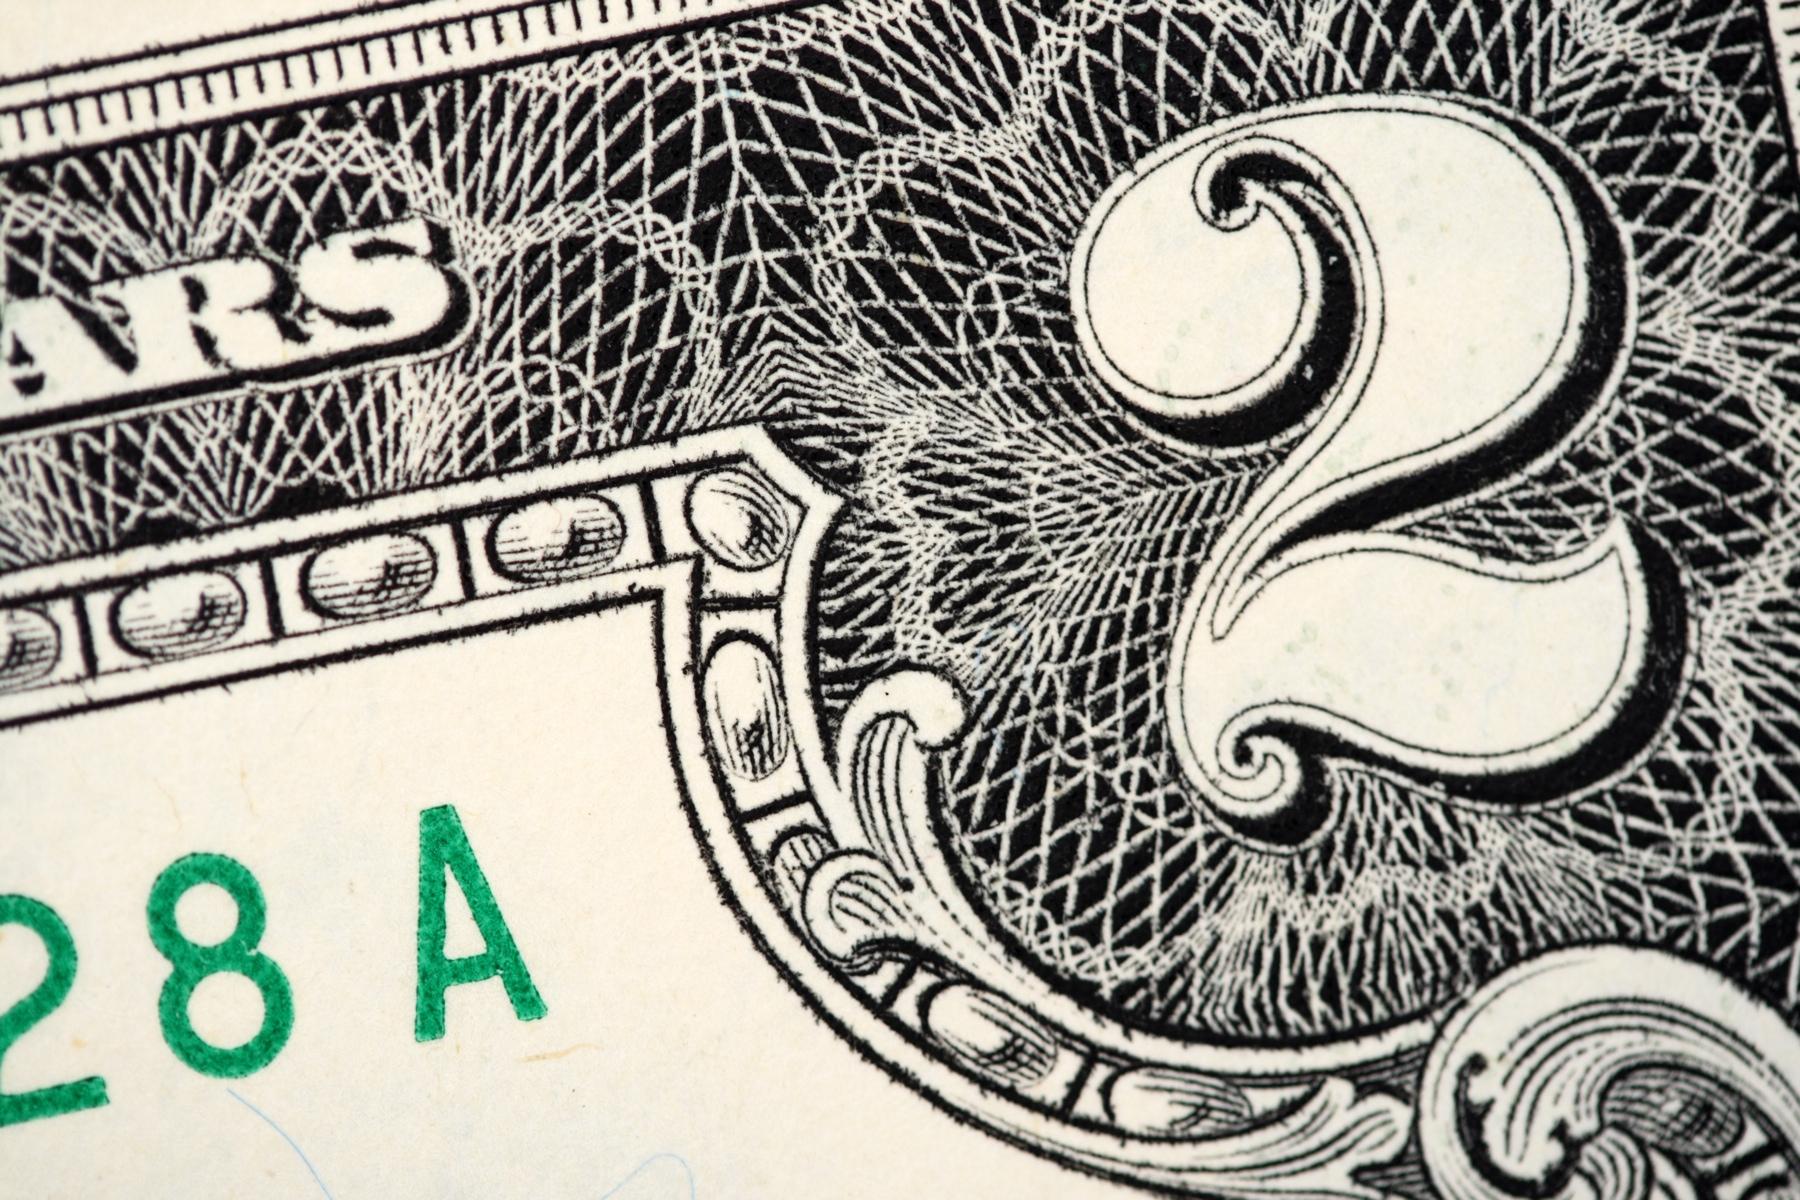 Nota de dois dólares